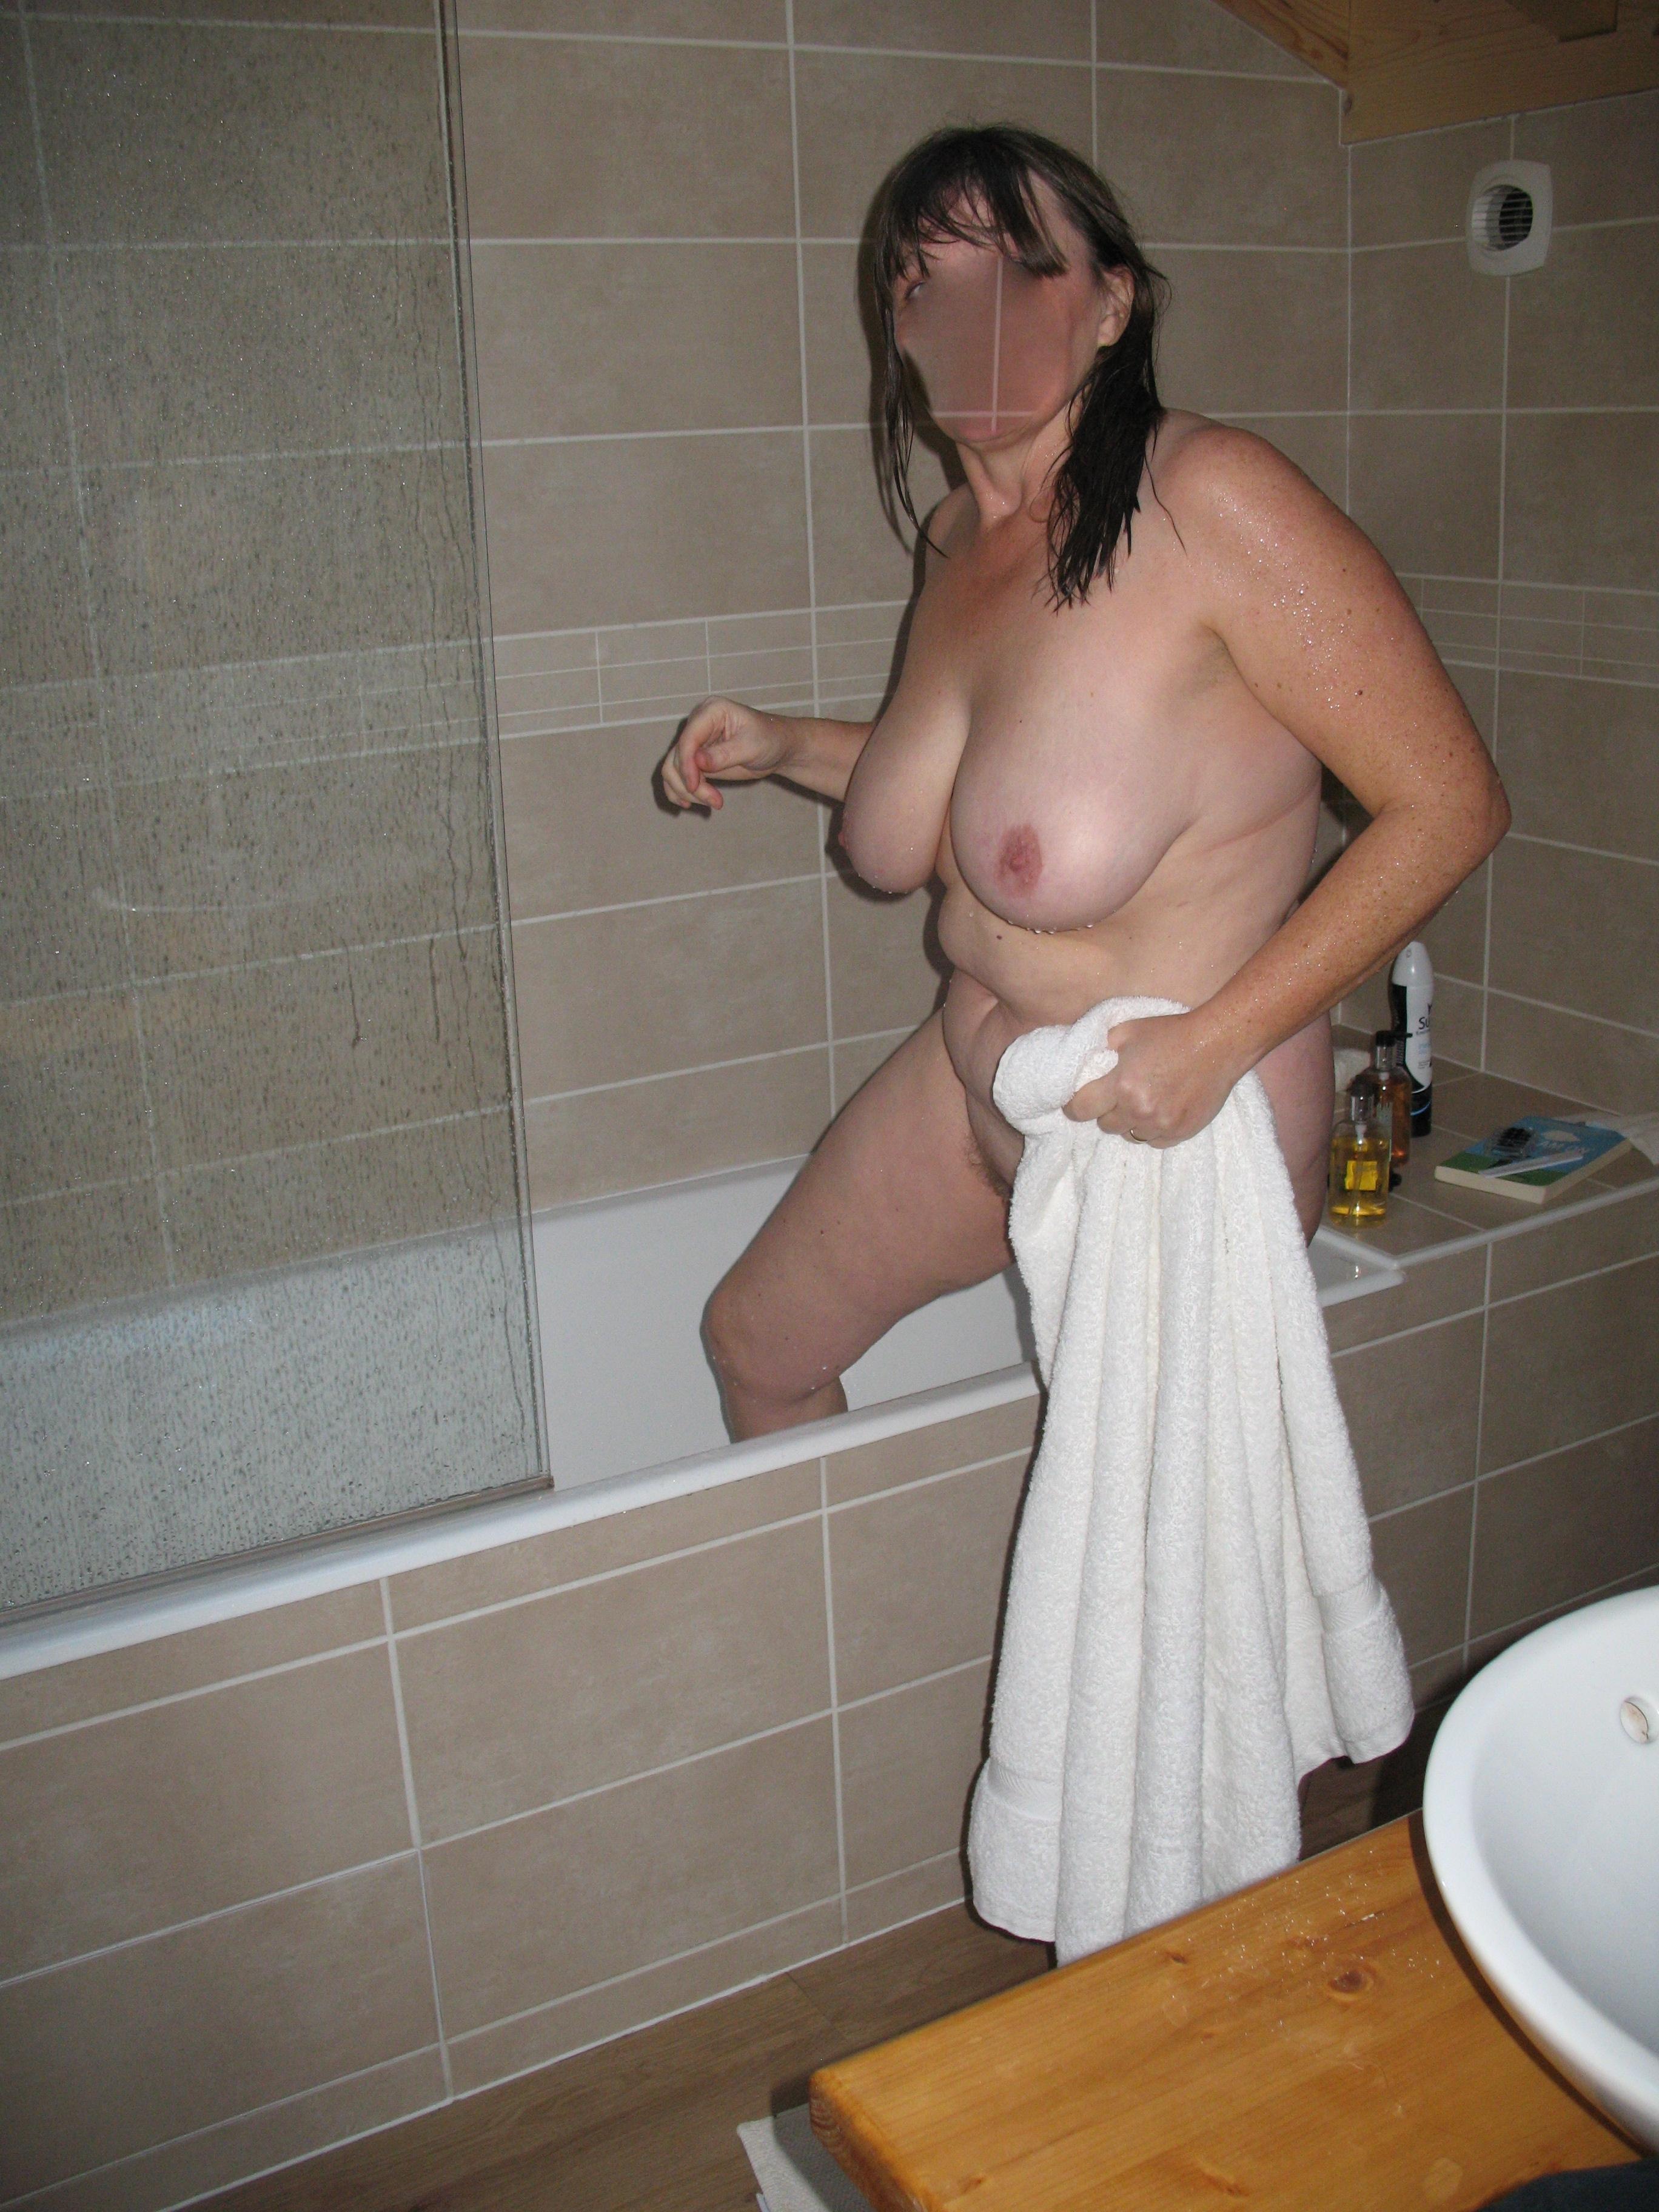 Порно женщин в ванной